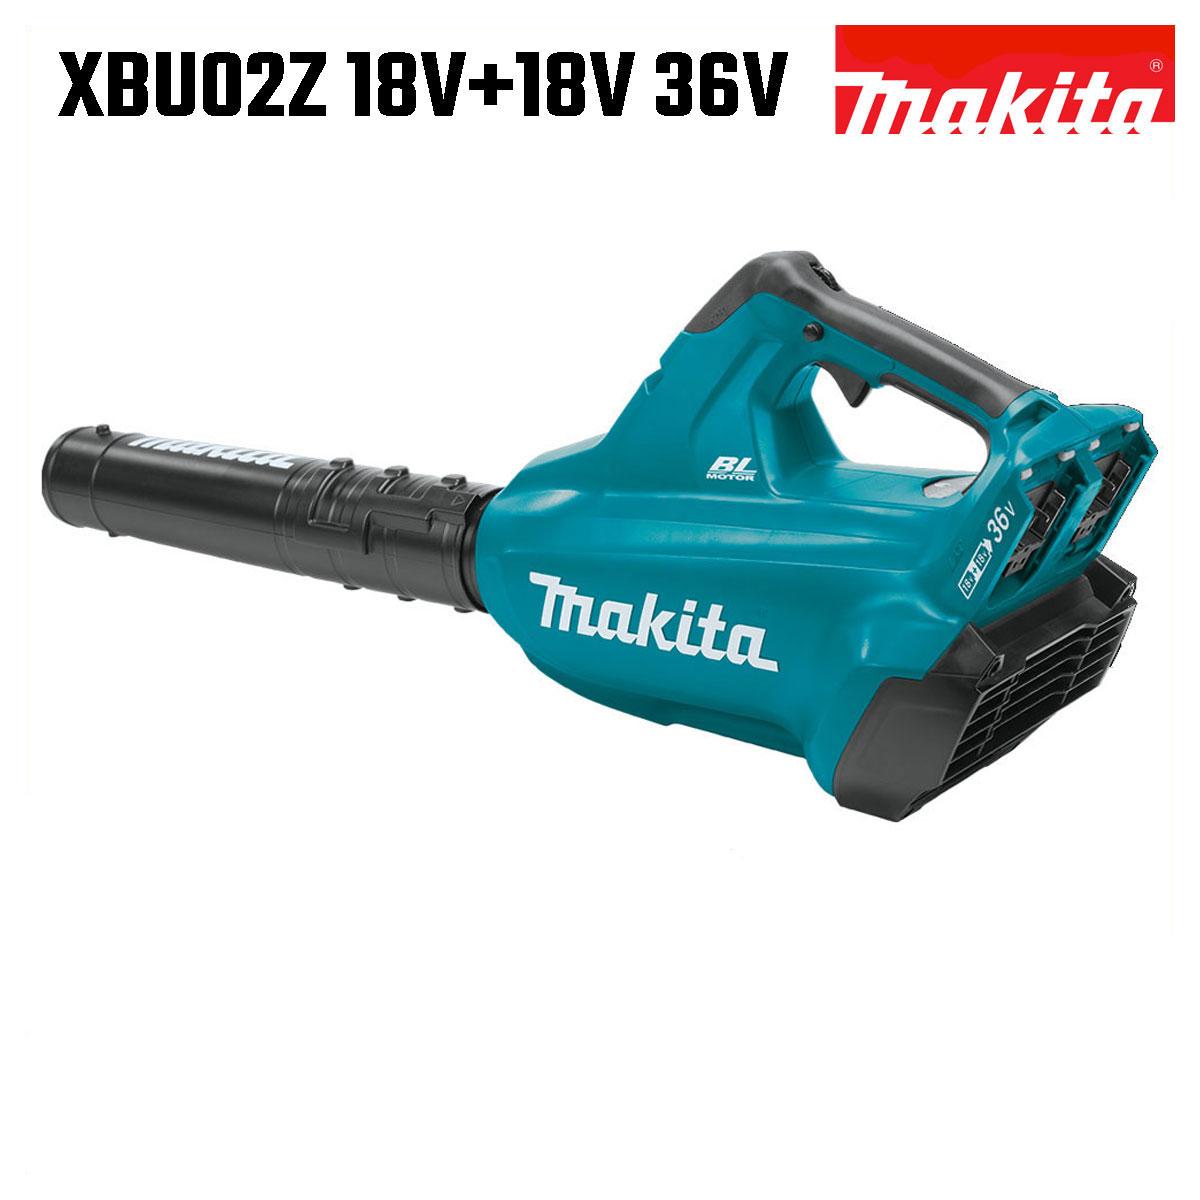 マキタ ブロワ 充電式 MUB362DZ 同等品 XBU02Z MAKITA 36V/18V+18V ※本体のみ